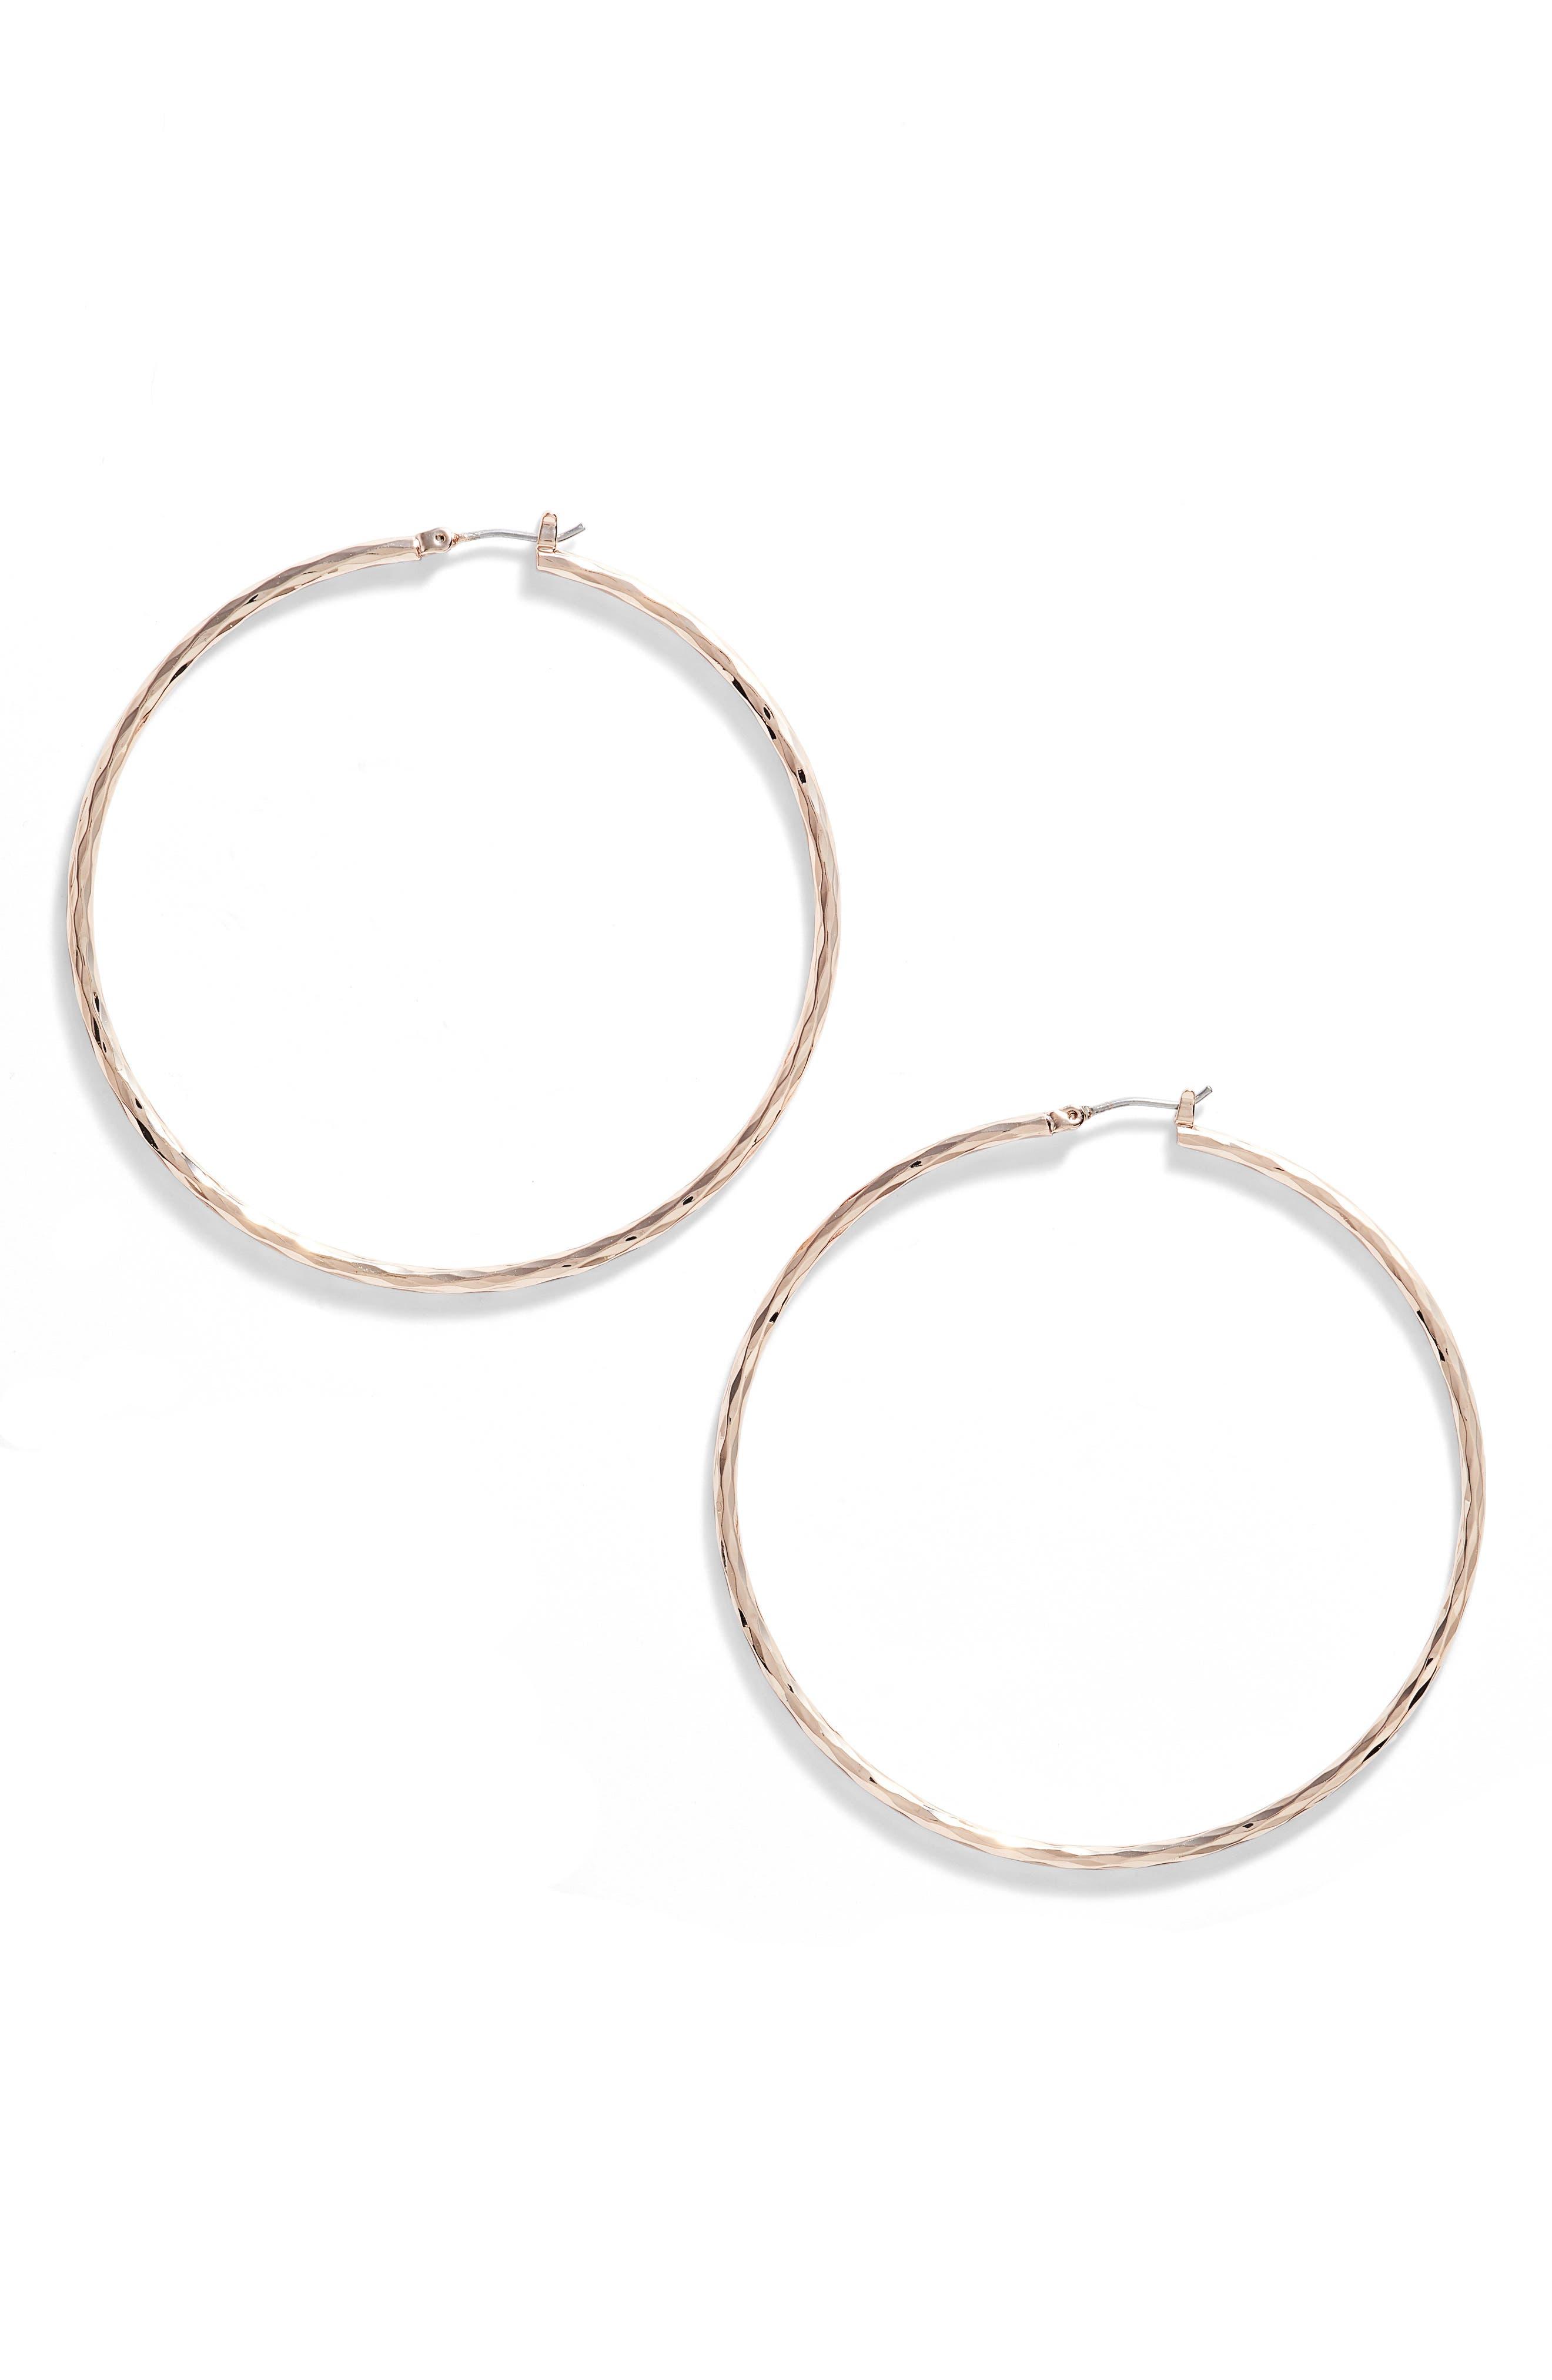 Alternate Image 1 Selected - Nordstrom Hammered Hoop Earrings